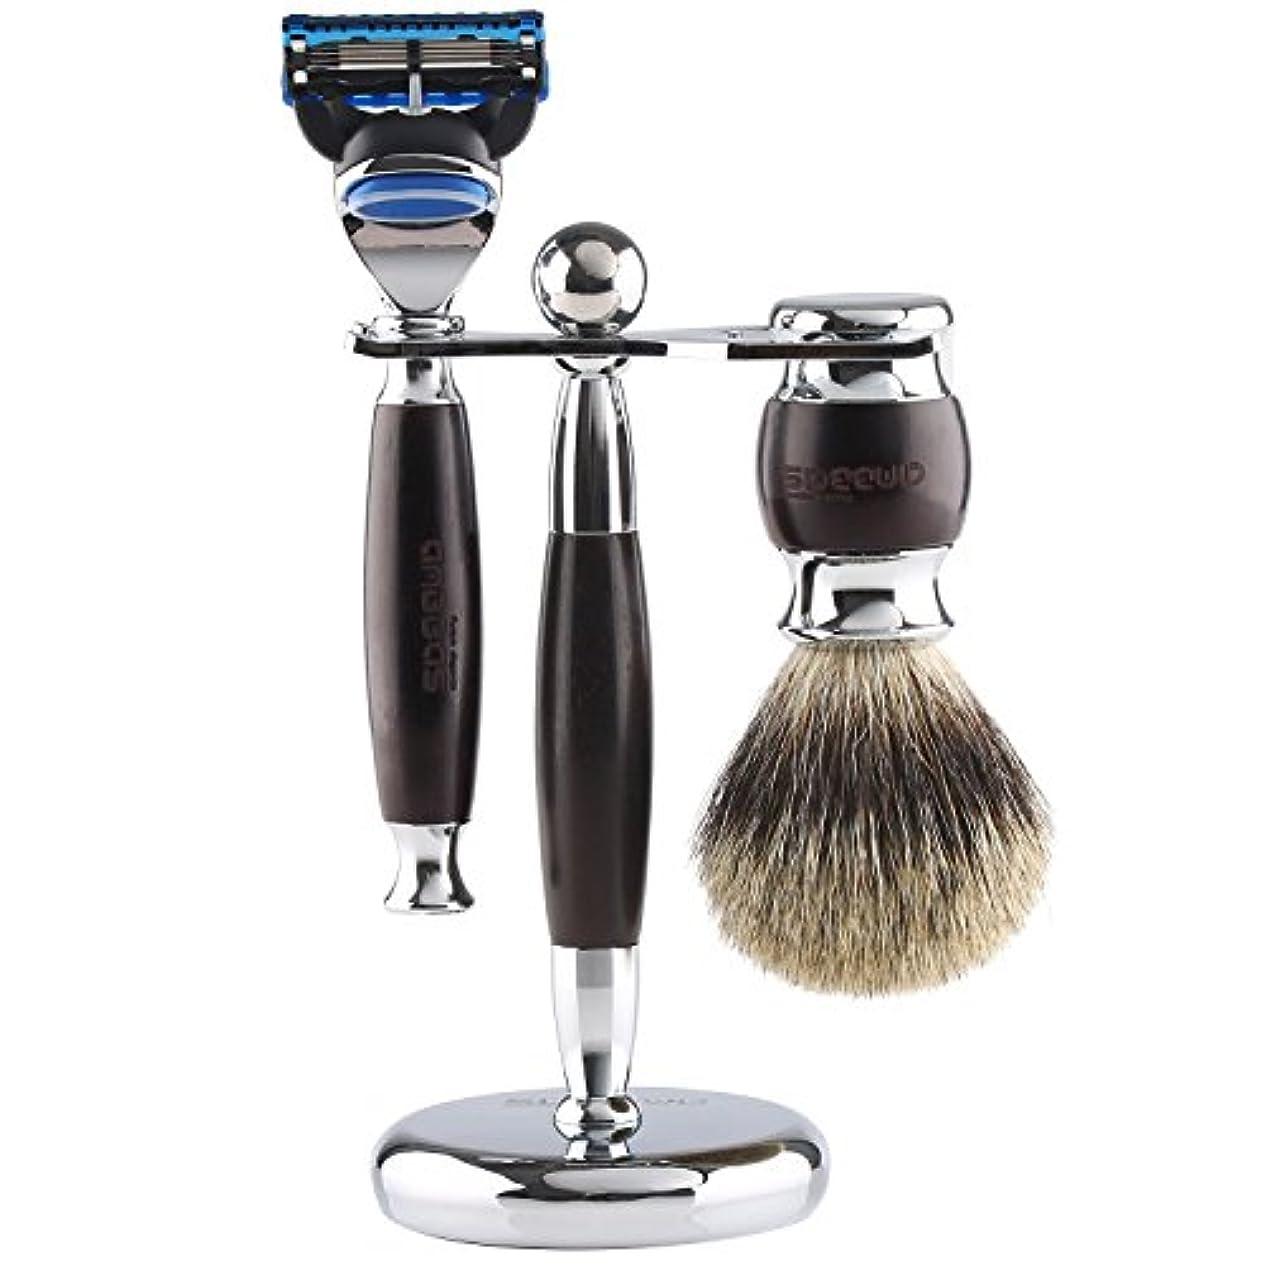 お手入れ無視テラスEasy Raku®Anbbas 3in1 クラシックシェービングブラシセット 剃刀スタンド アナグマ毛シェービングブラシ シェービングカートリッジ 剃刀ハンドル メンズ